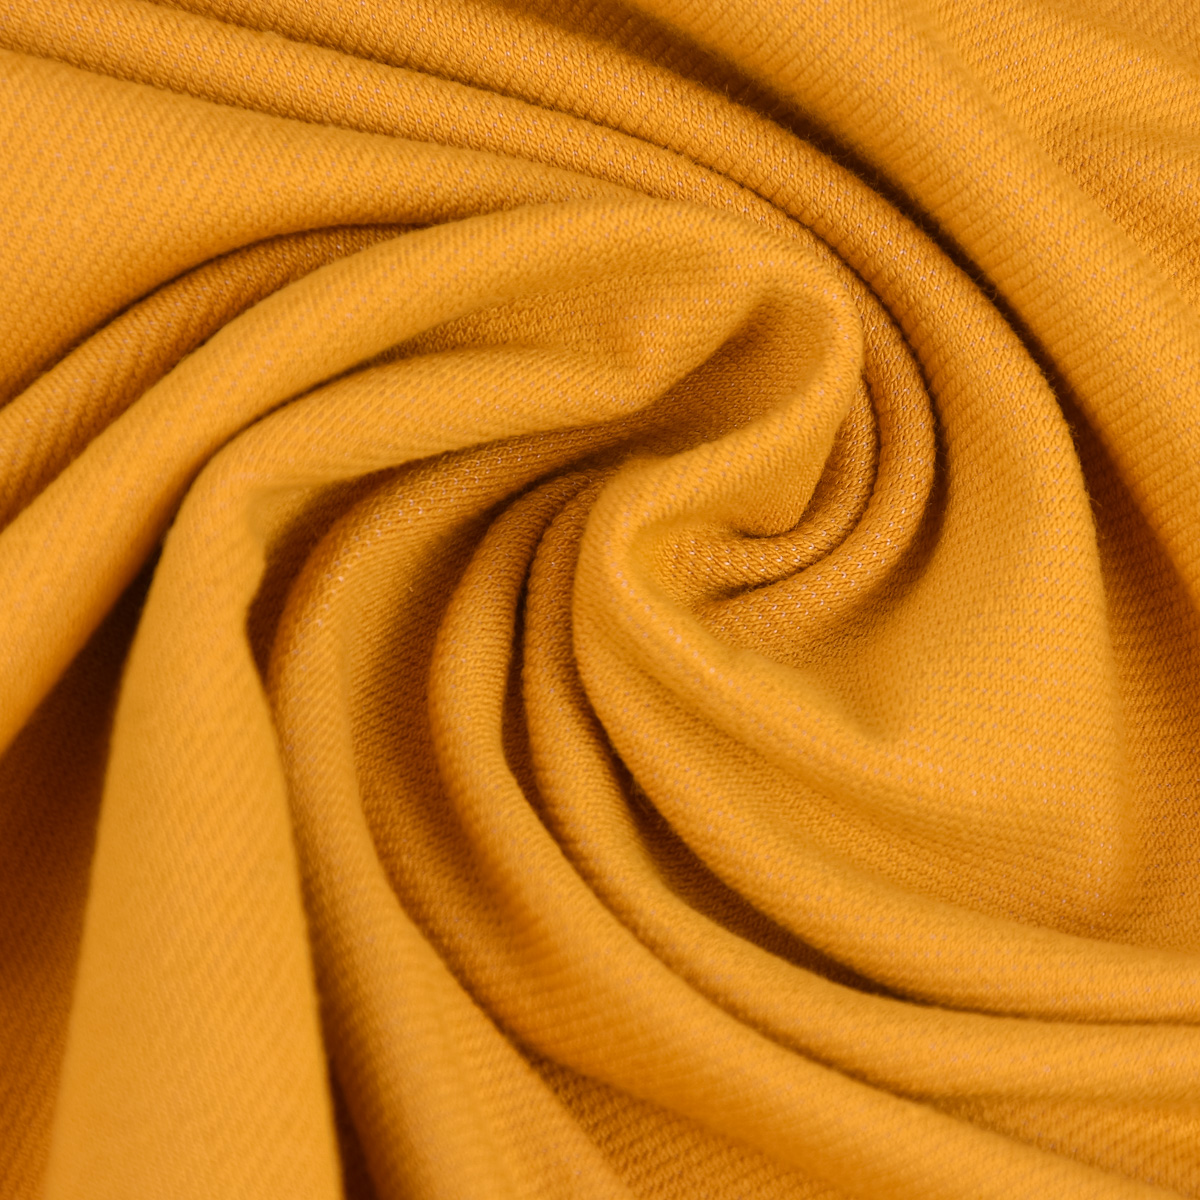 baumwoll jeansstoff mit elasthan stretchjeans stoff weich einfarbig okker gelb 1 5m breite alle. Black Bedroom Furniture Sets. Home Design Ideas